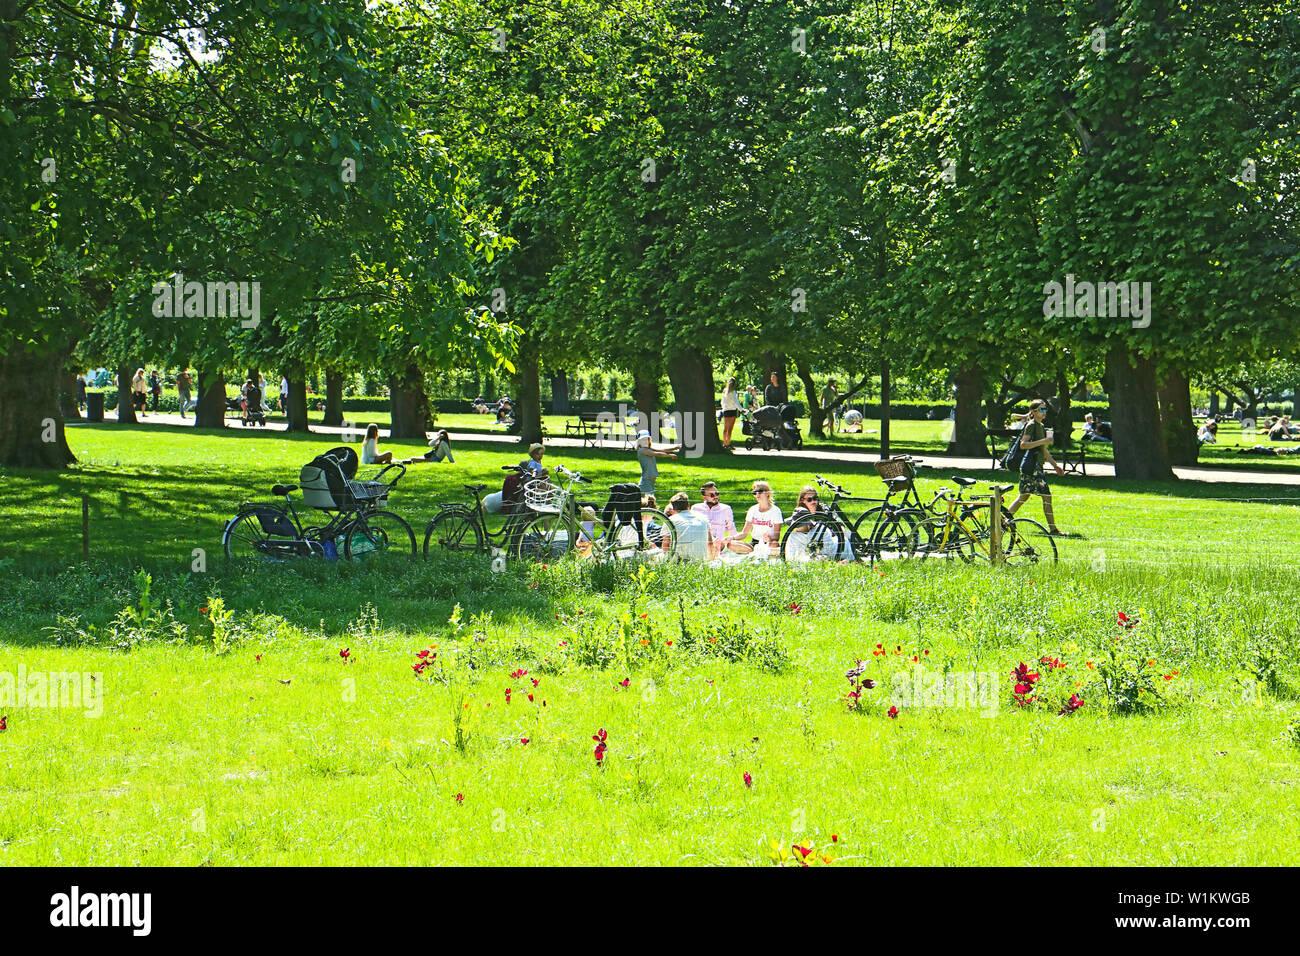 Copenhague, Danemark - 16 juin, 2019 Très belle vue sur le jardin du roi près de Rosenborg Castle dans le centre de Copenhague établi depuis début 17t Banque D'Images